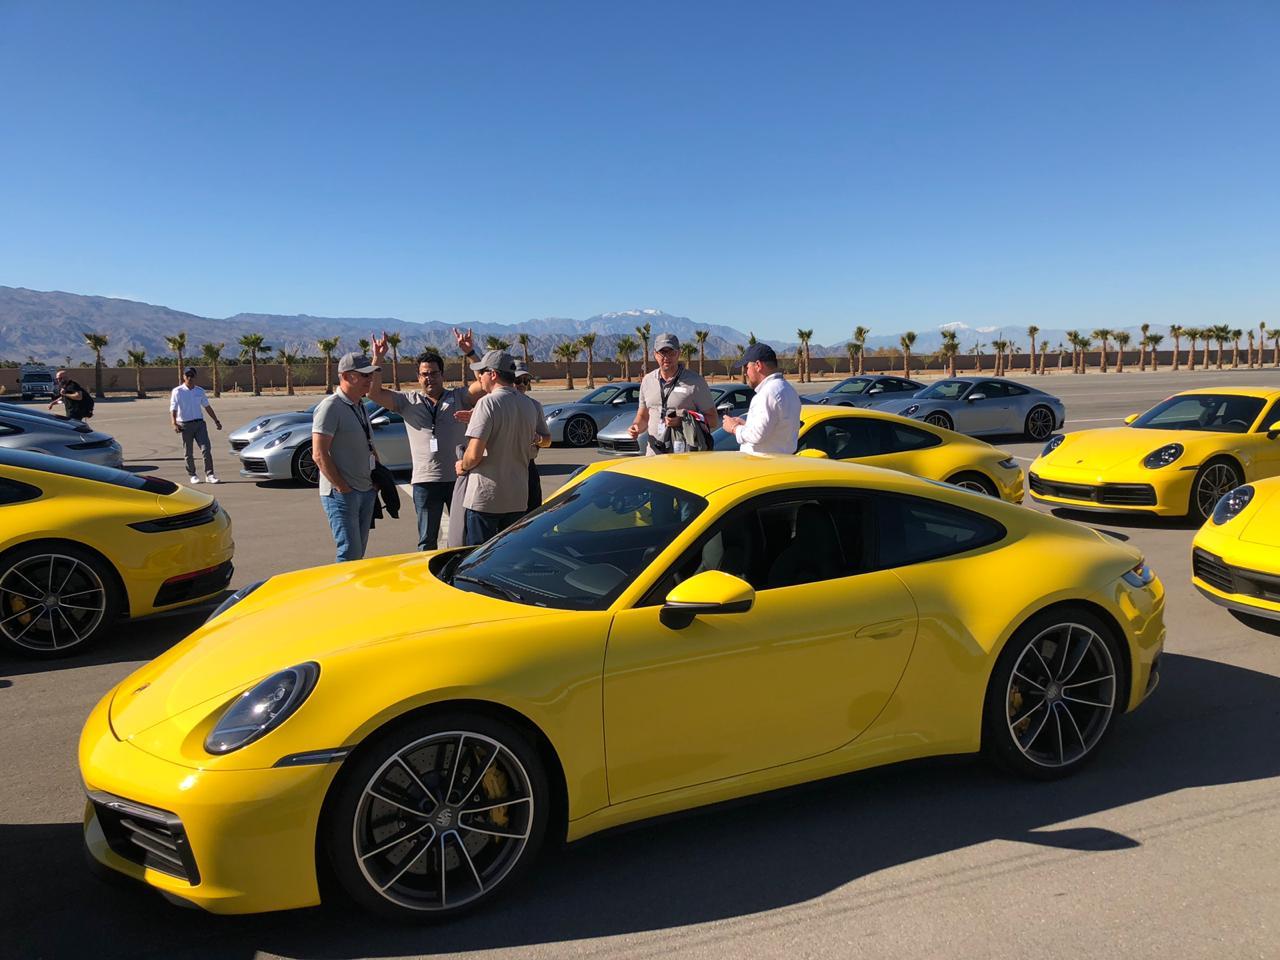 JOIN THE CLUB: Репортаж спрезентации Porsche911 нового поколения вСША